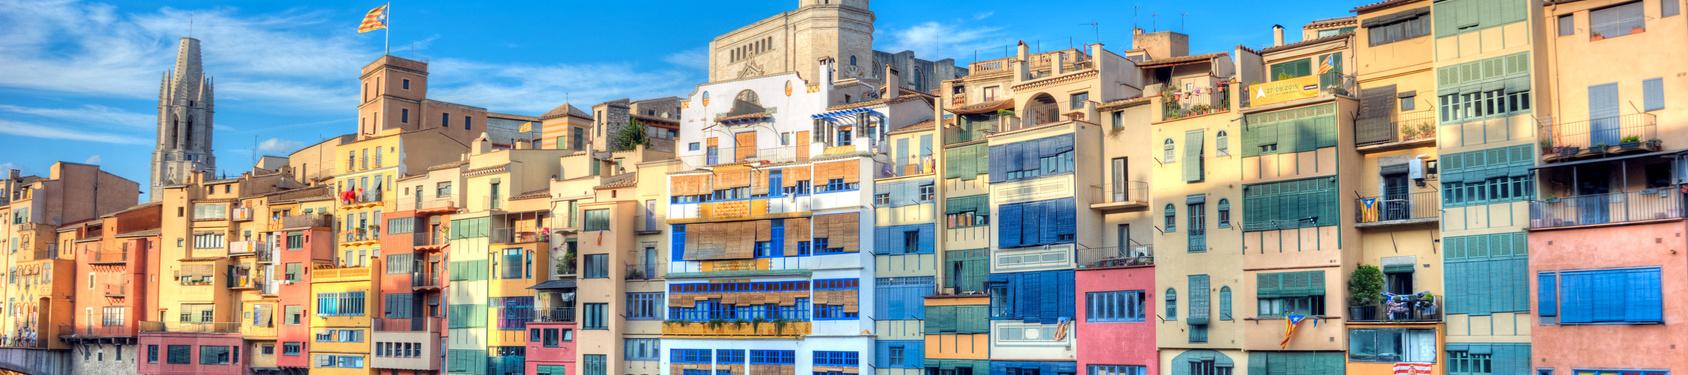 Bild von Girona